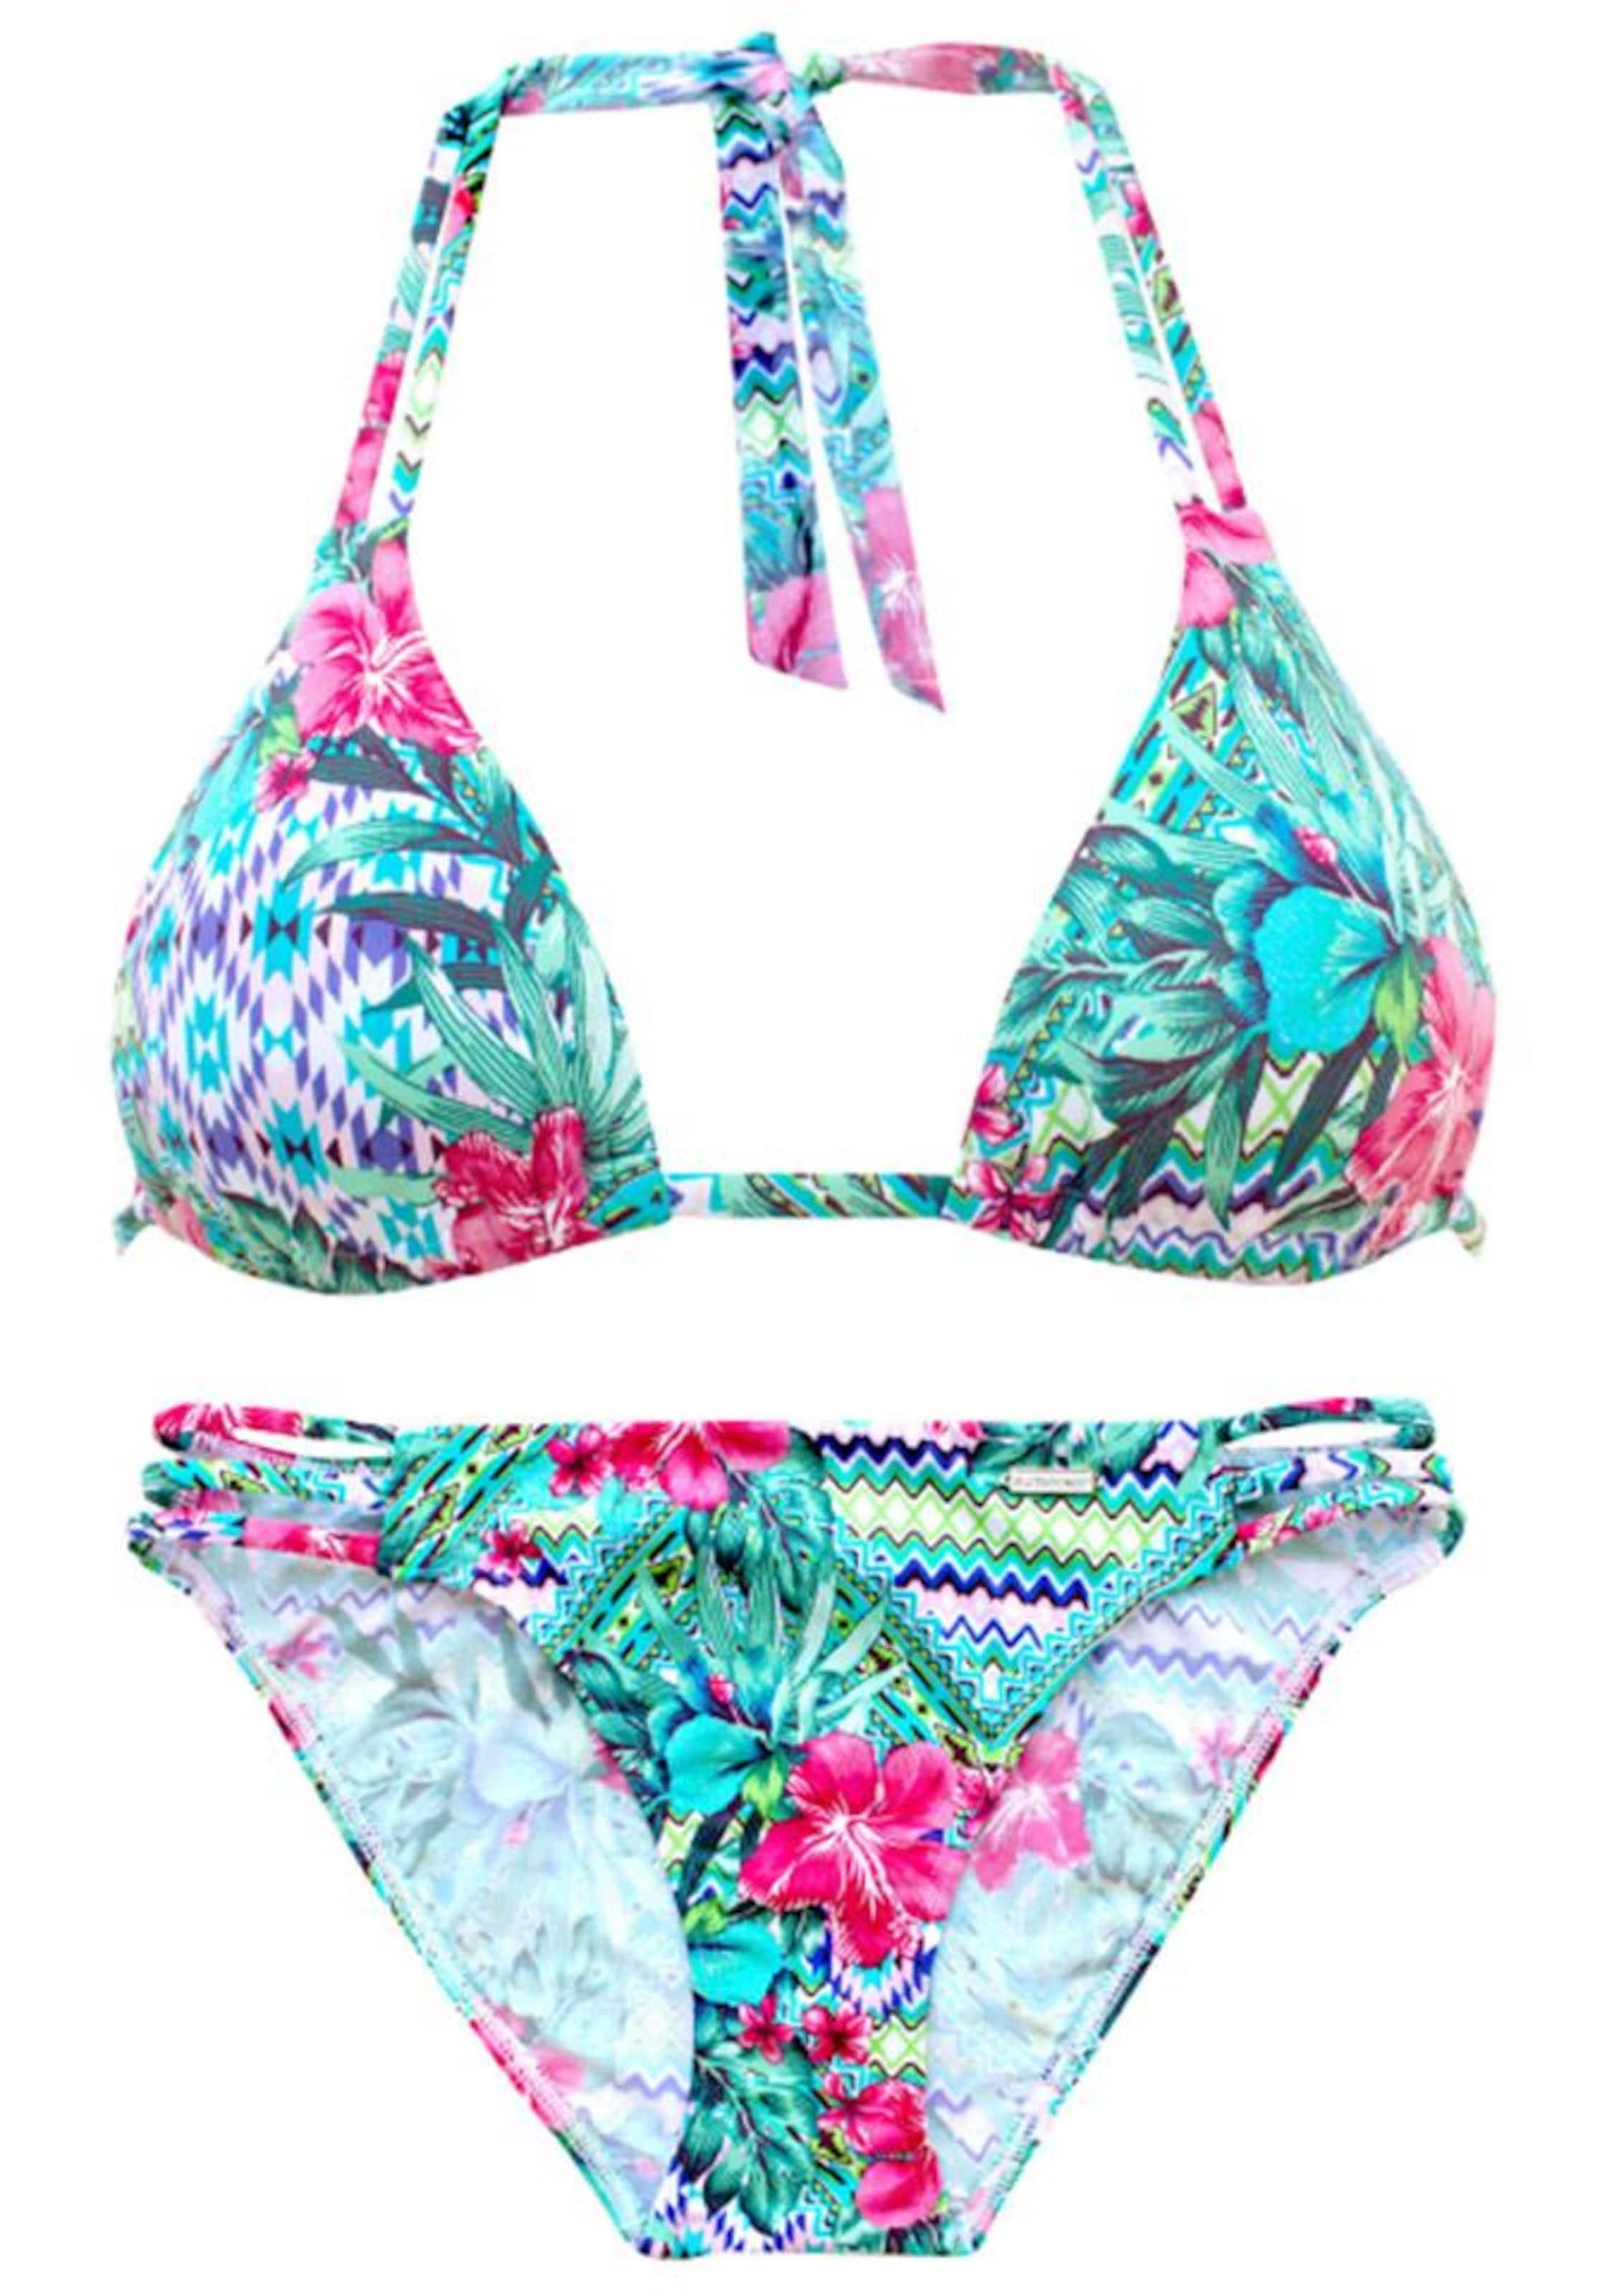 Hyper Online Freies Verschiffen Online SUNSEEKER Triangel-Bikini Spielraum Finden Große Bestes Großhandel Online Extrem Online oDBCZJ